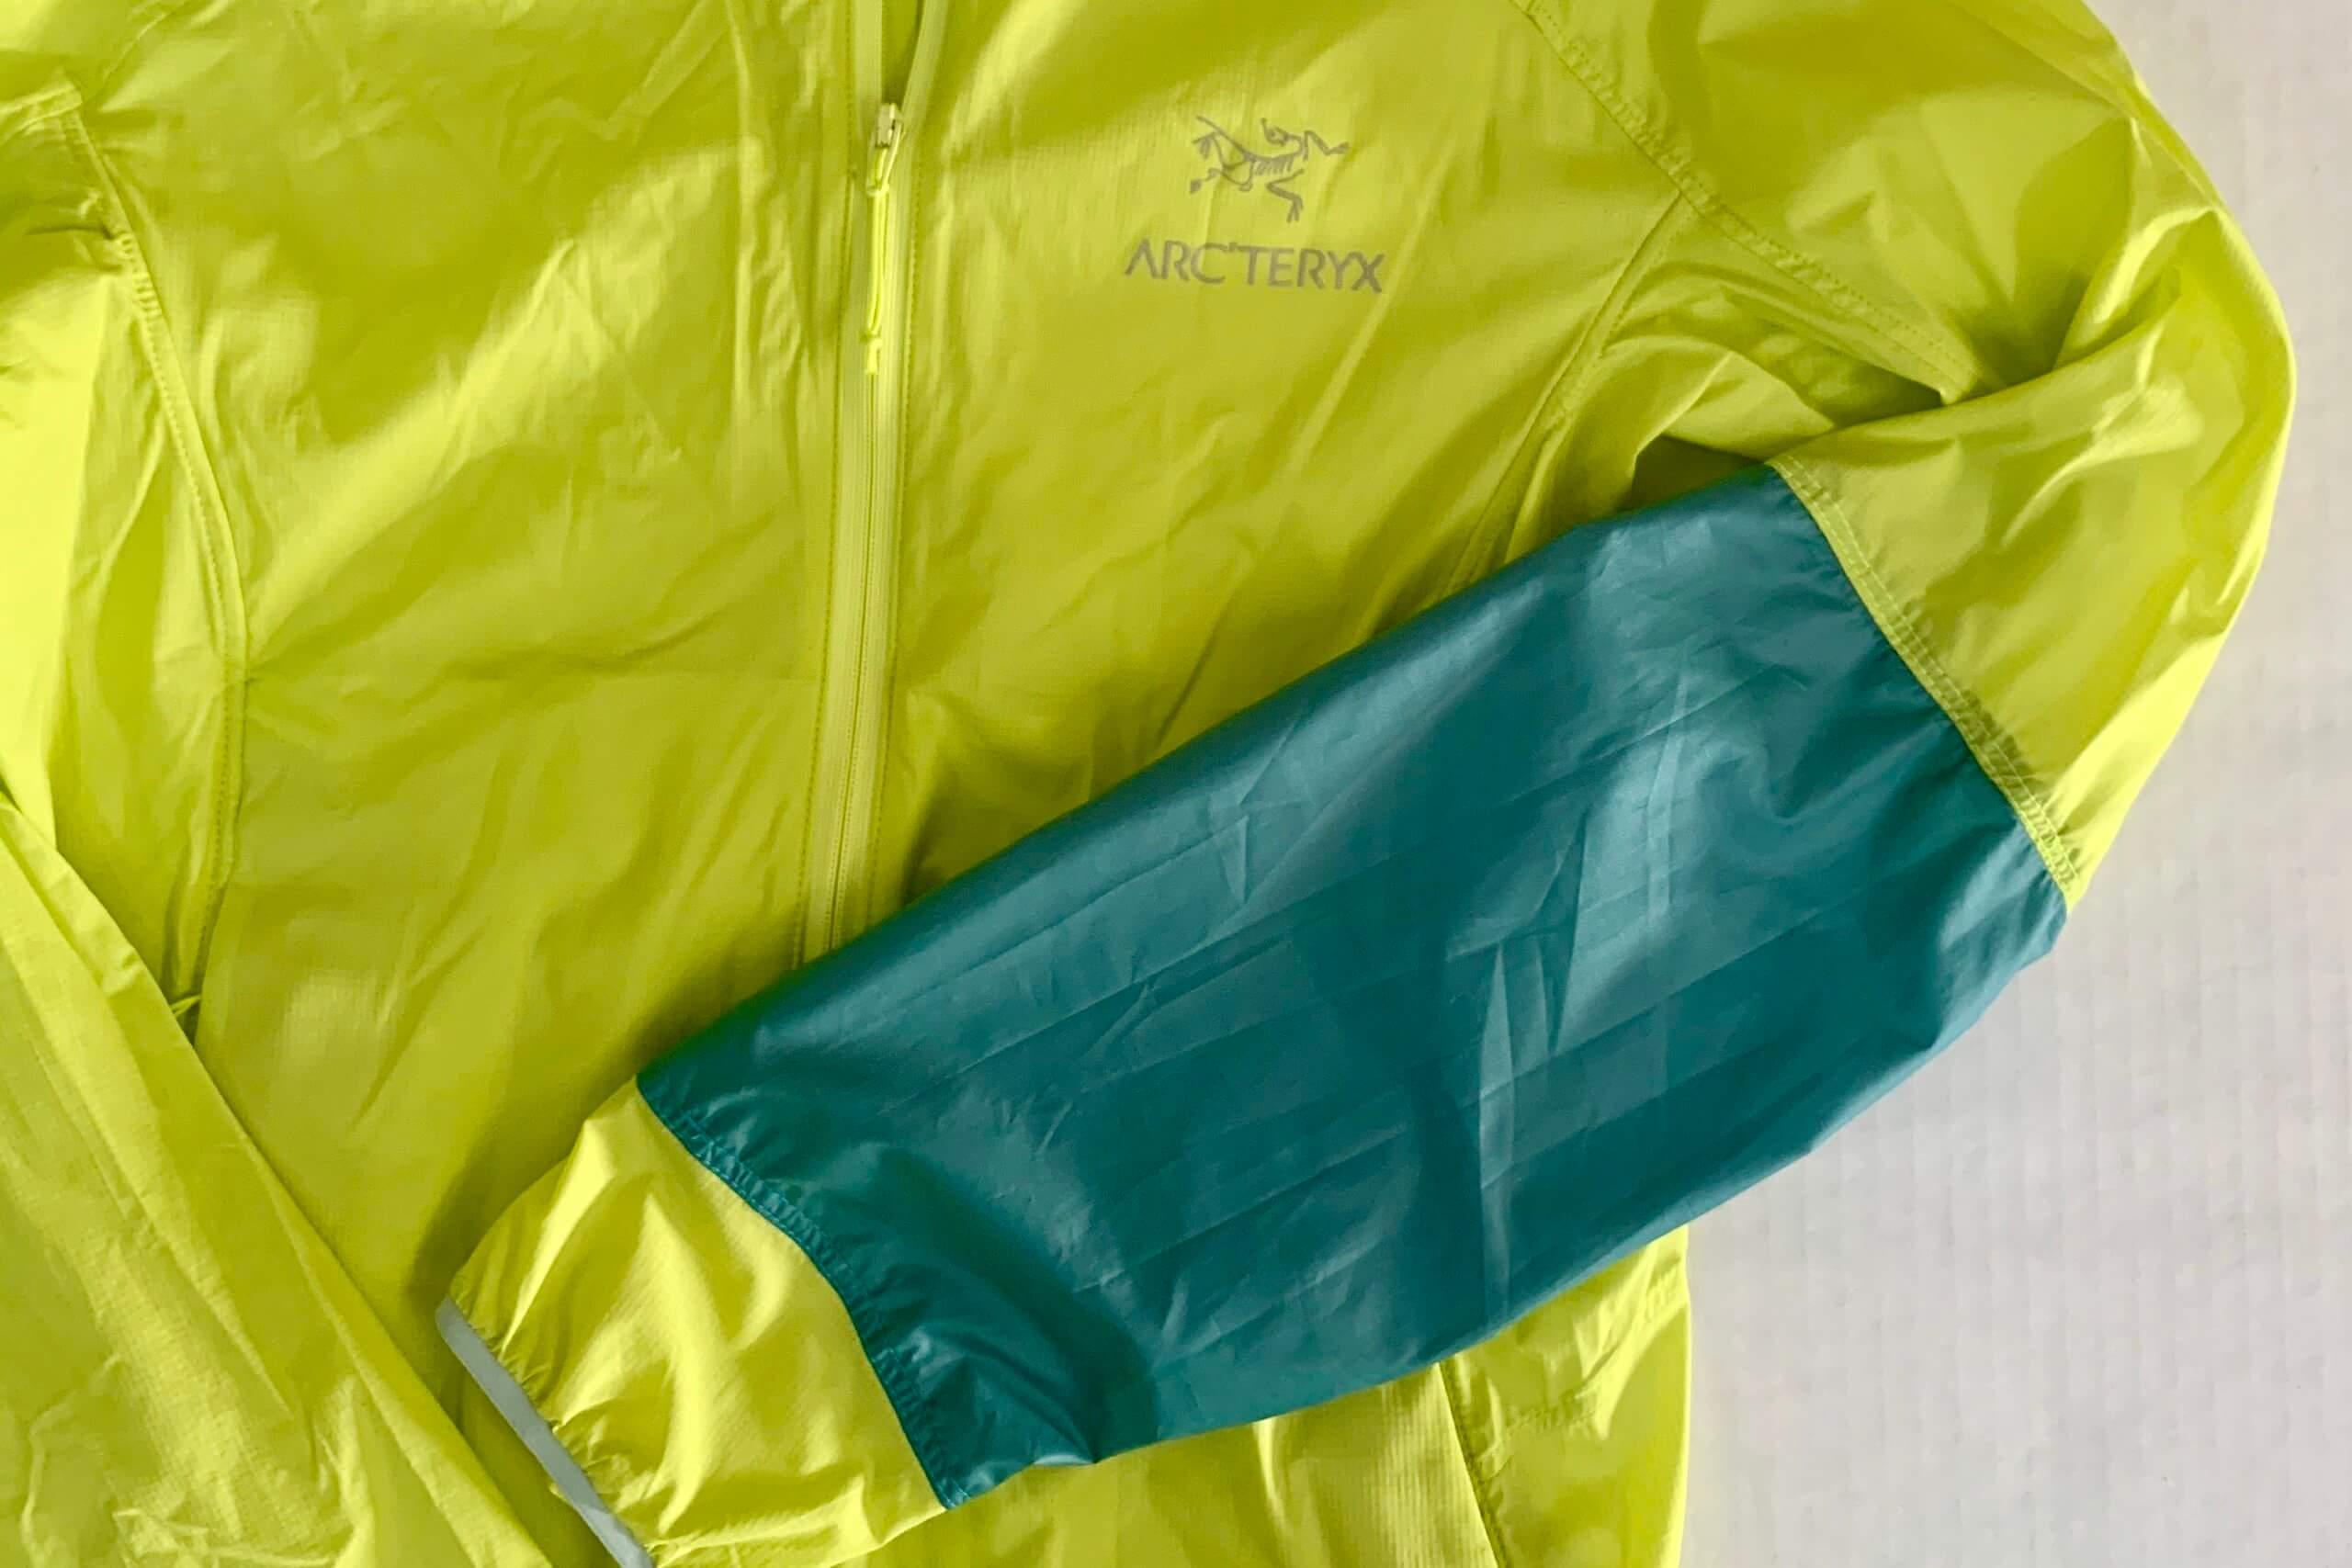 Arcteryx nylon jacket patch